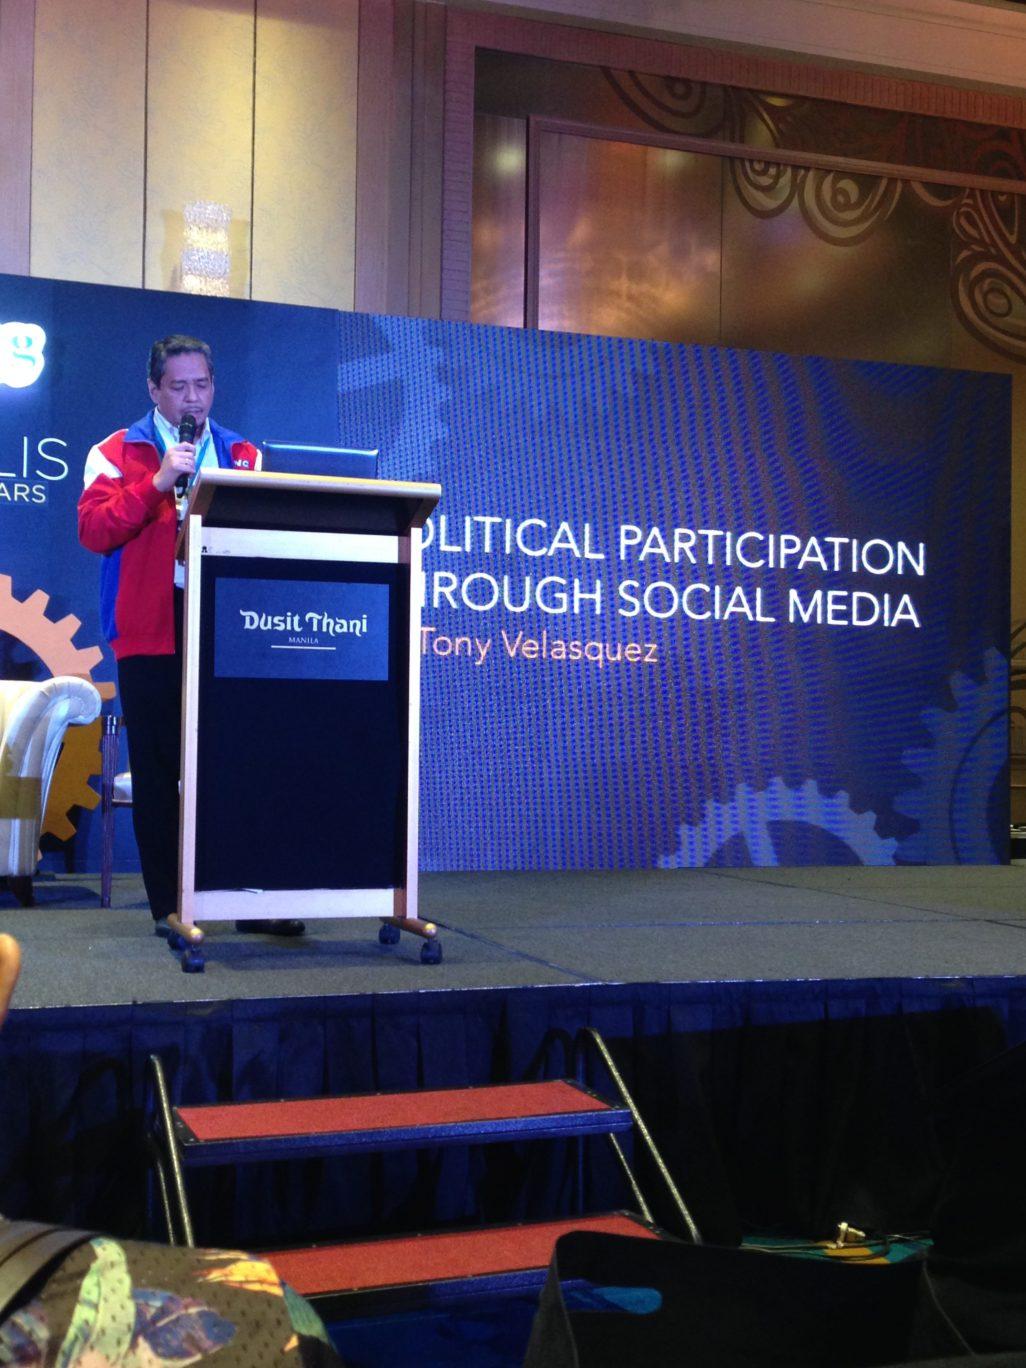 Tony Velasquez Blogopolis